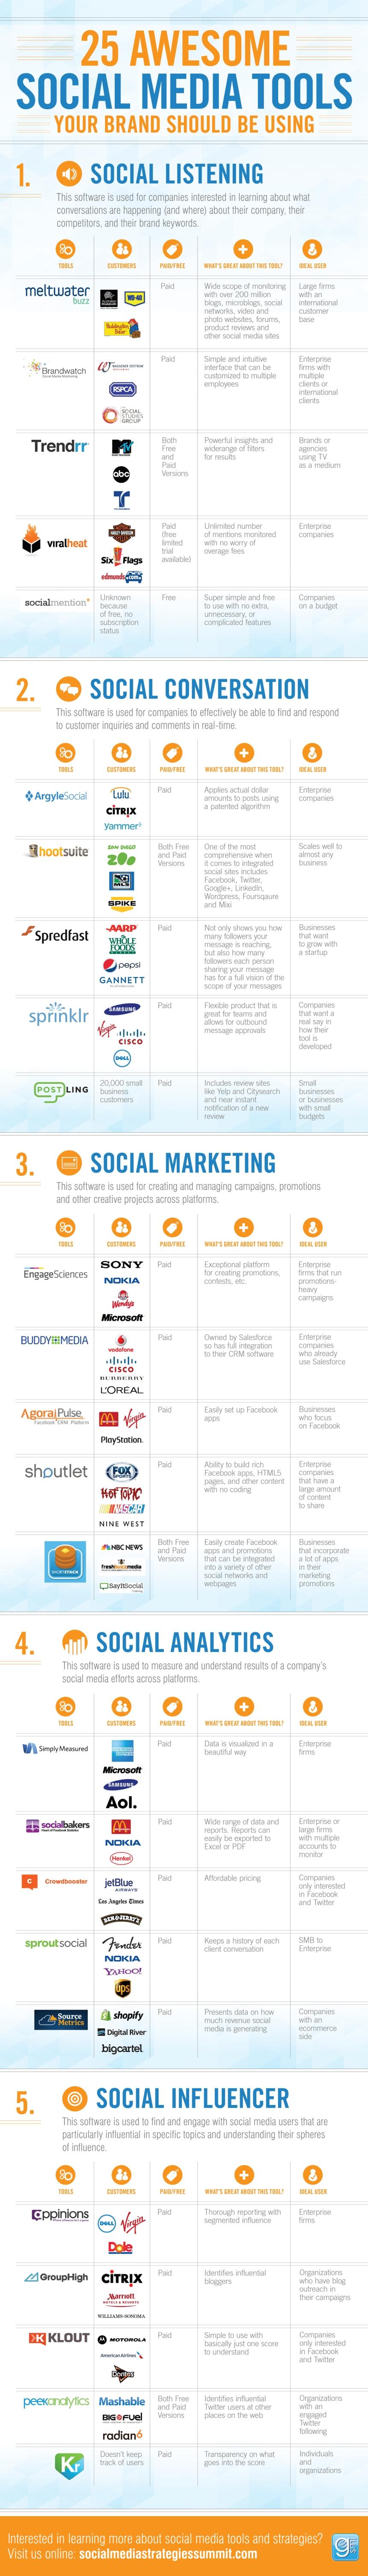 25 herramientas impresionantes para Redes Sociales